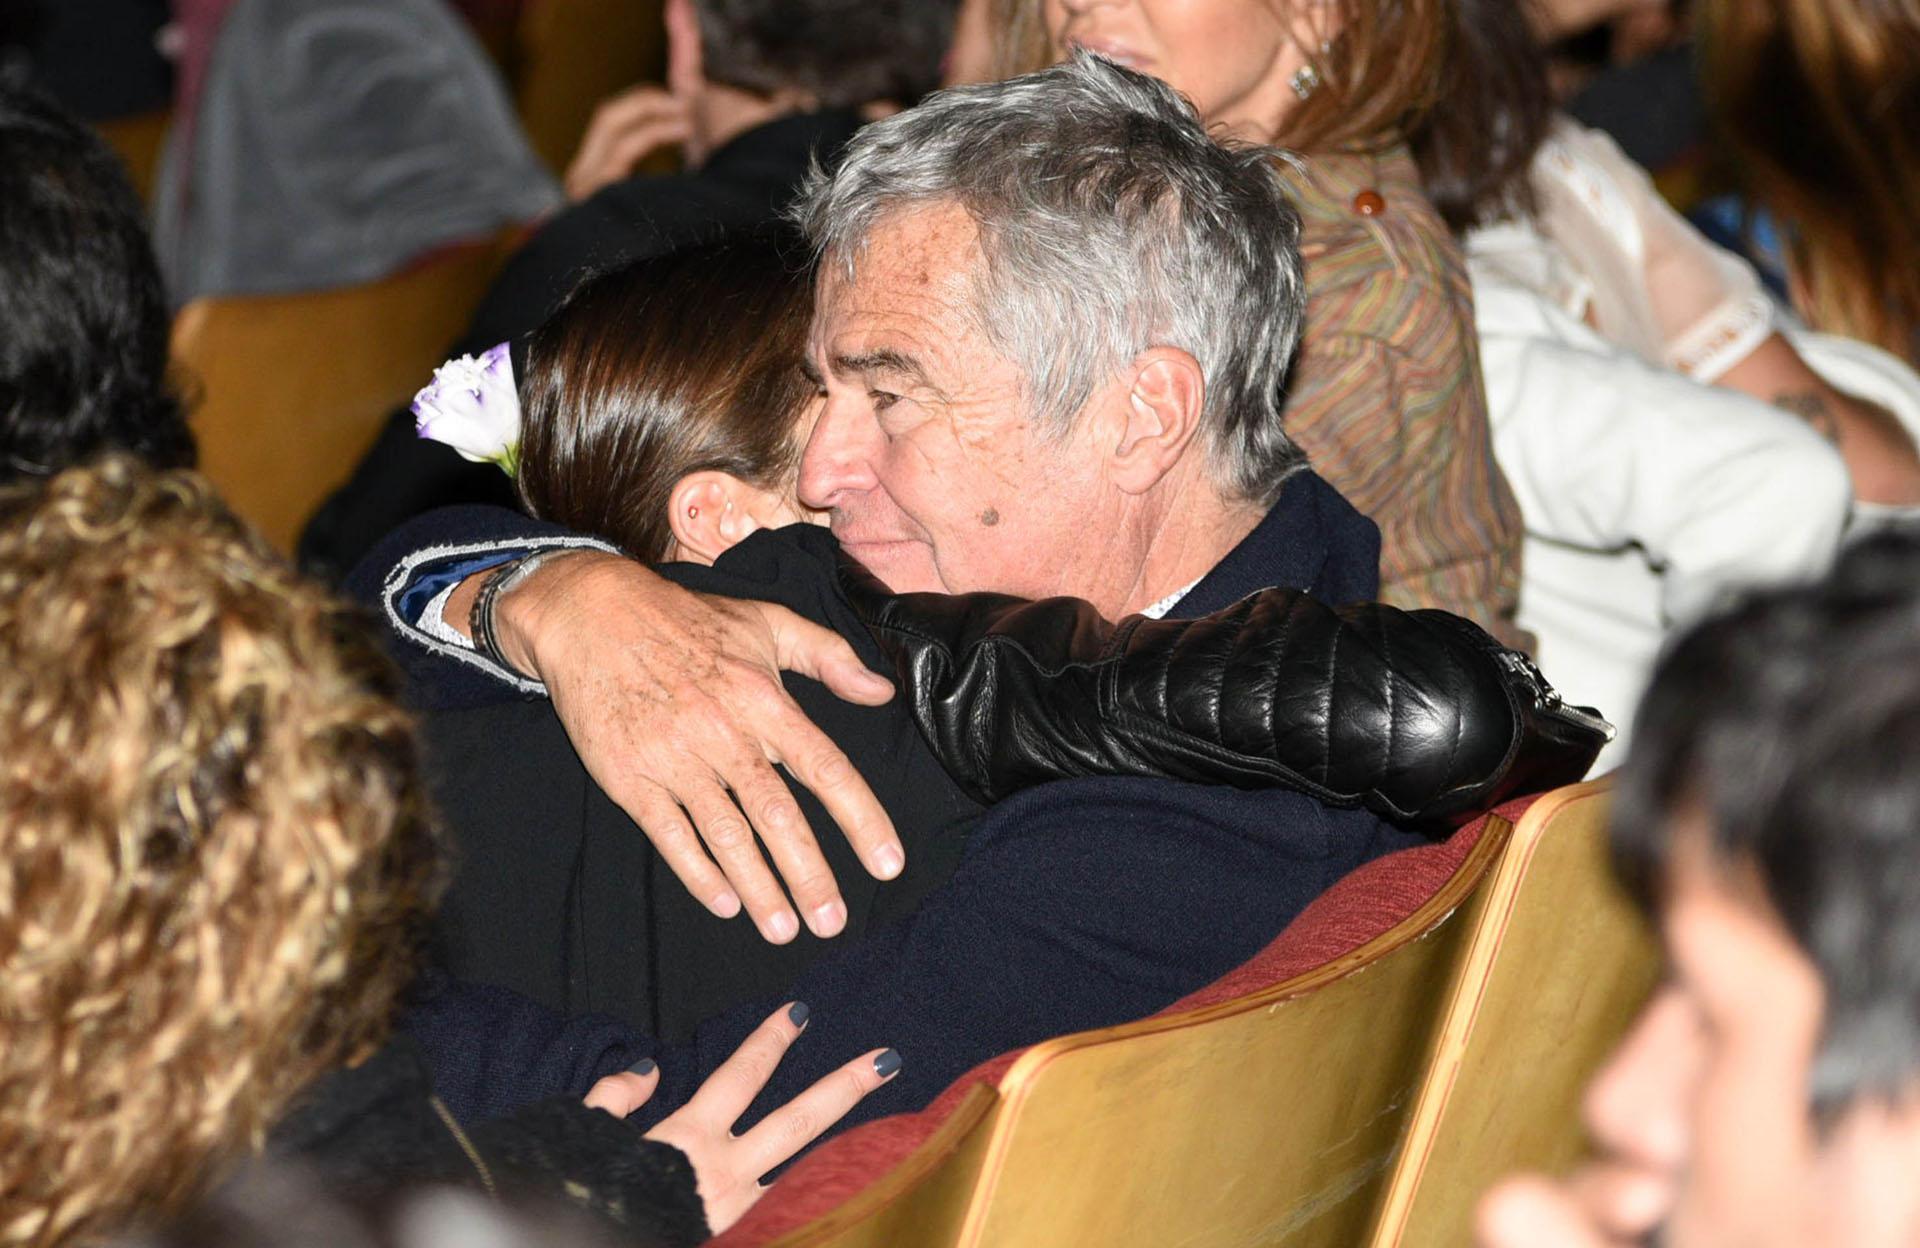 Ignacio Viale emocionado, abrazando a su hija Juana tras el estreno